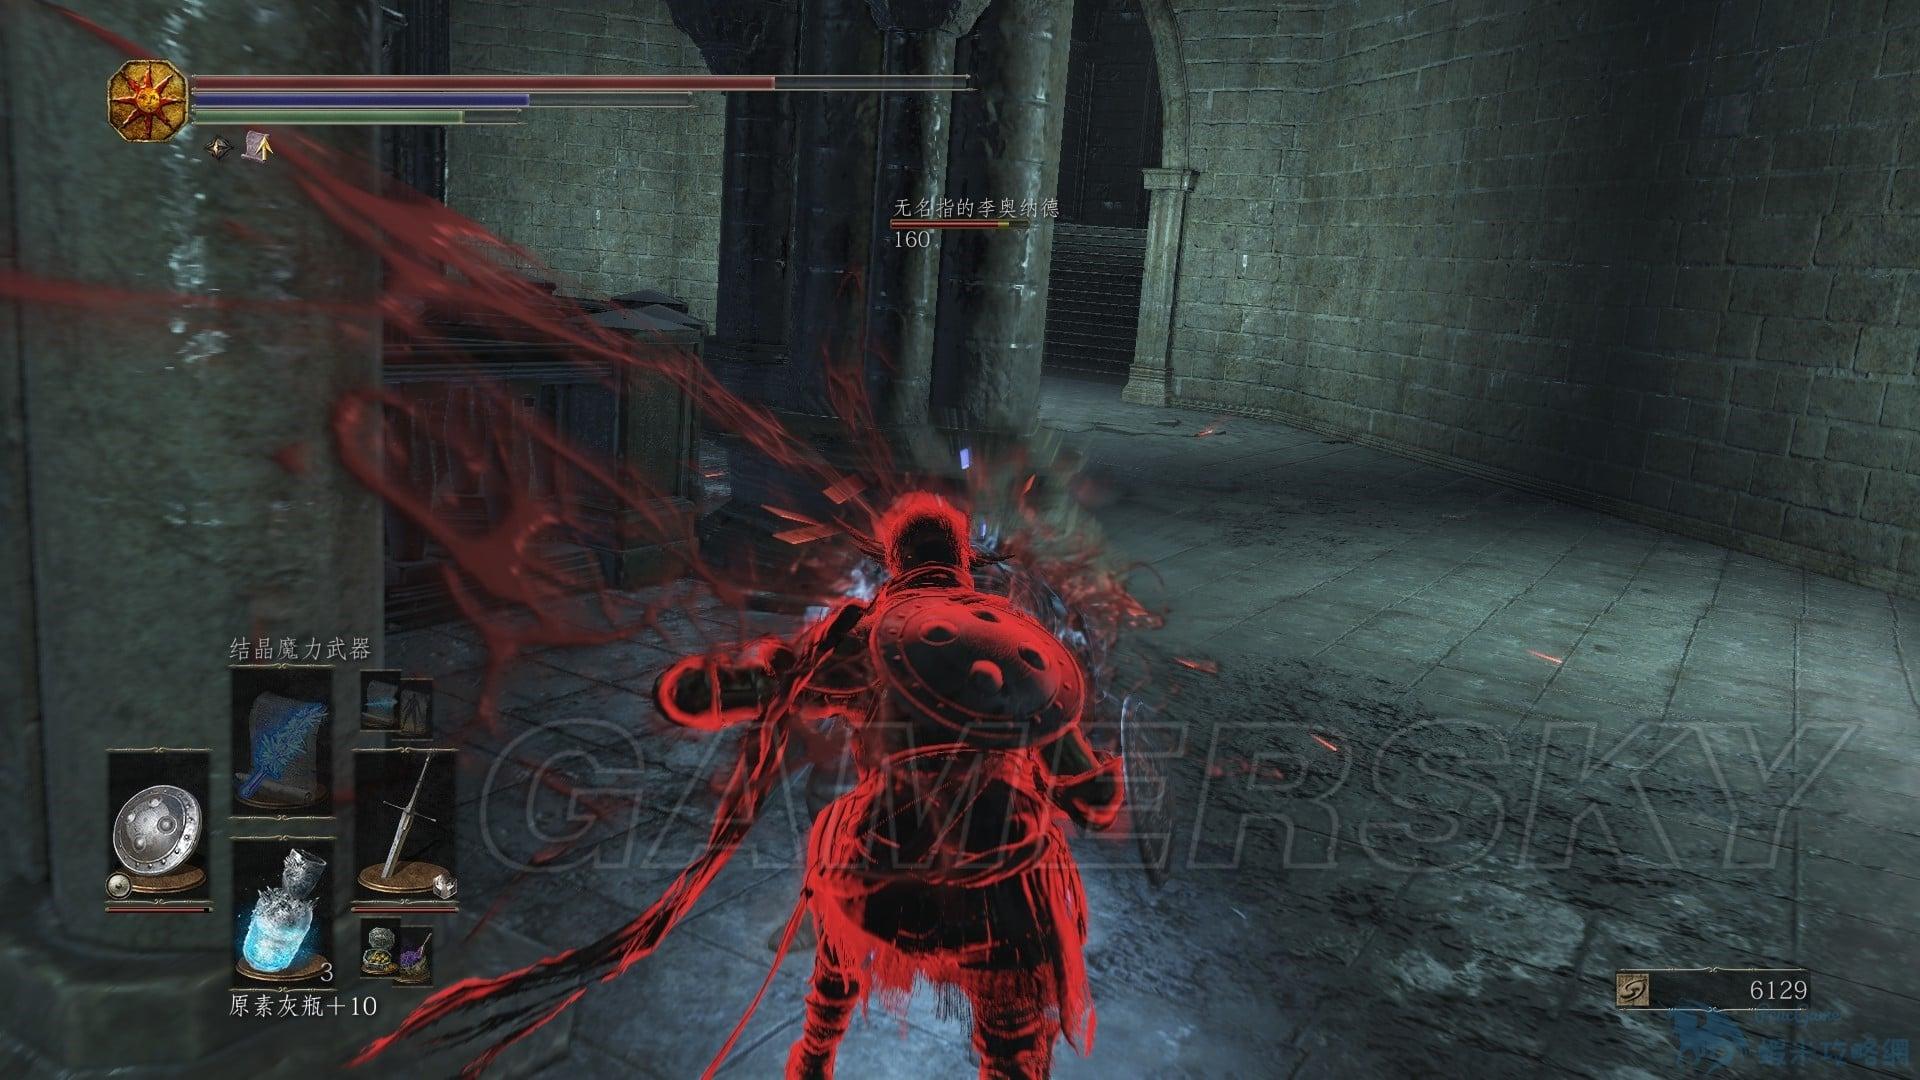 黑暗靈魂3 突刺屬性武器處決傷害測試 火刑架處決傷害圖文詳解